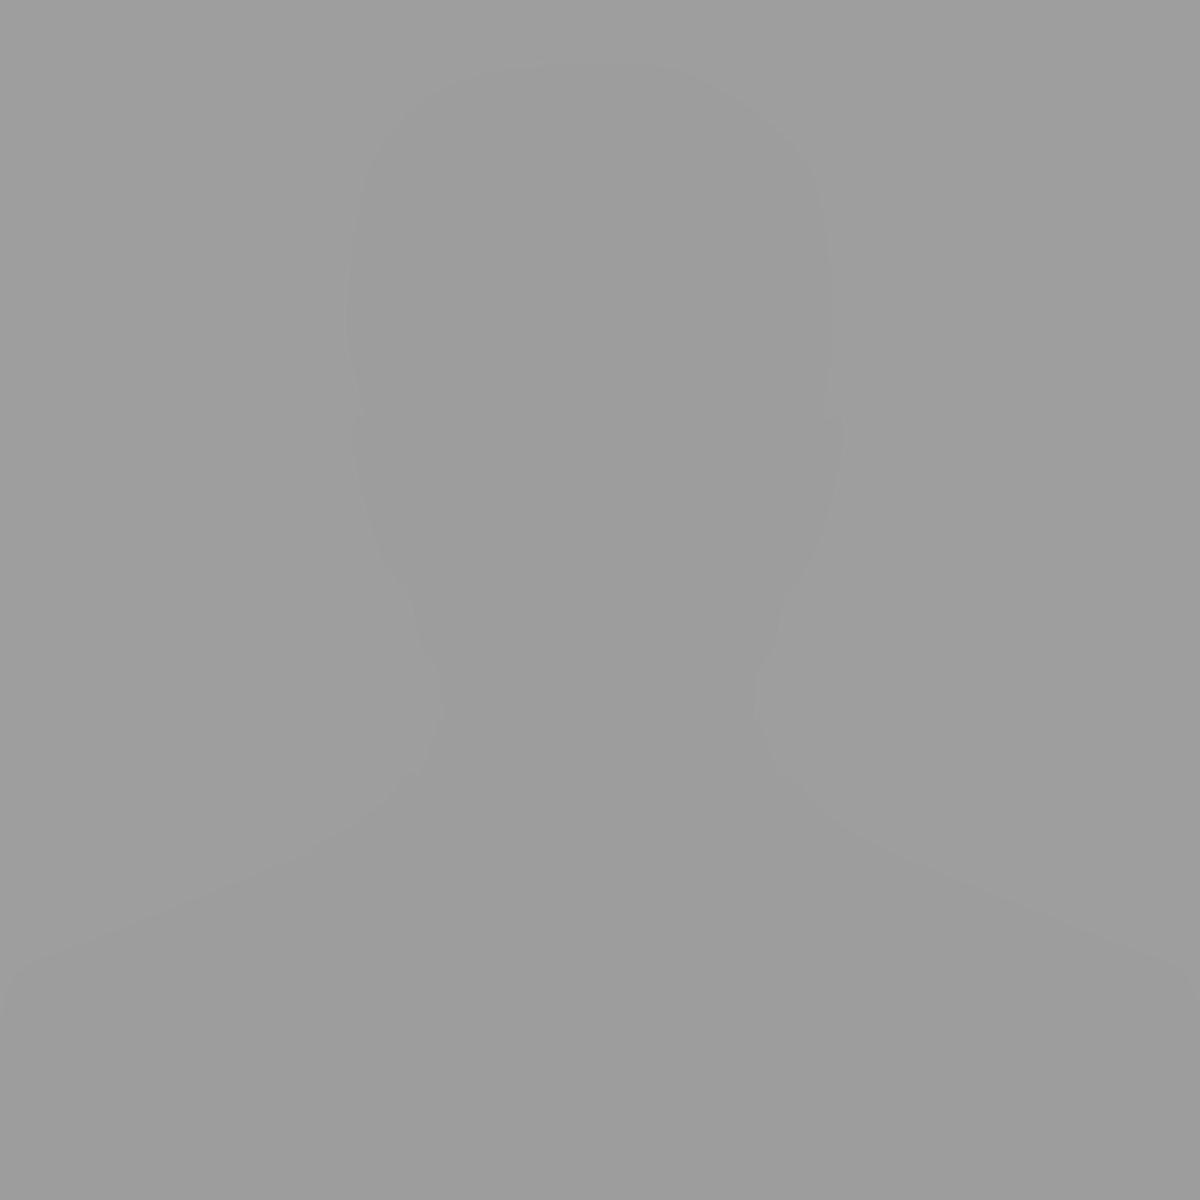 default-profile-image-1200x1200